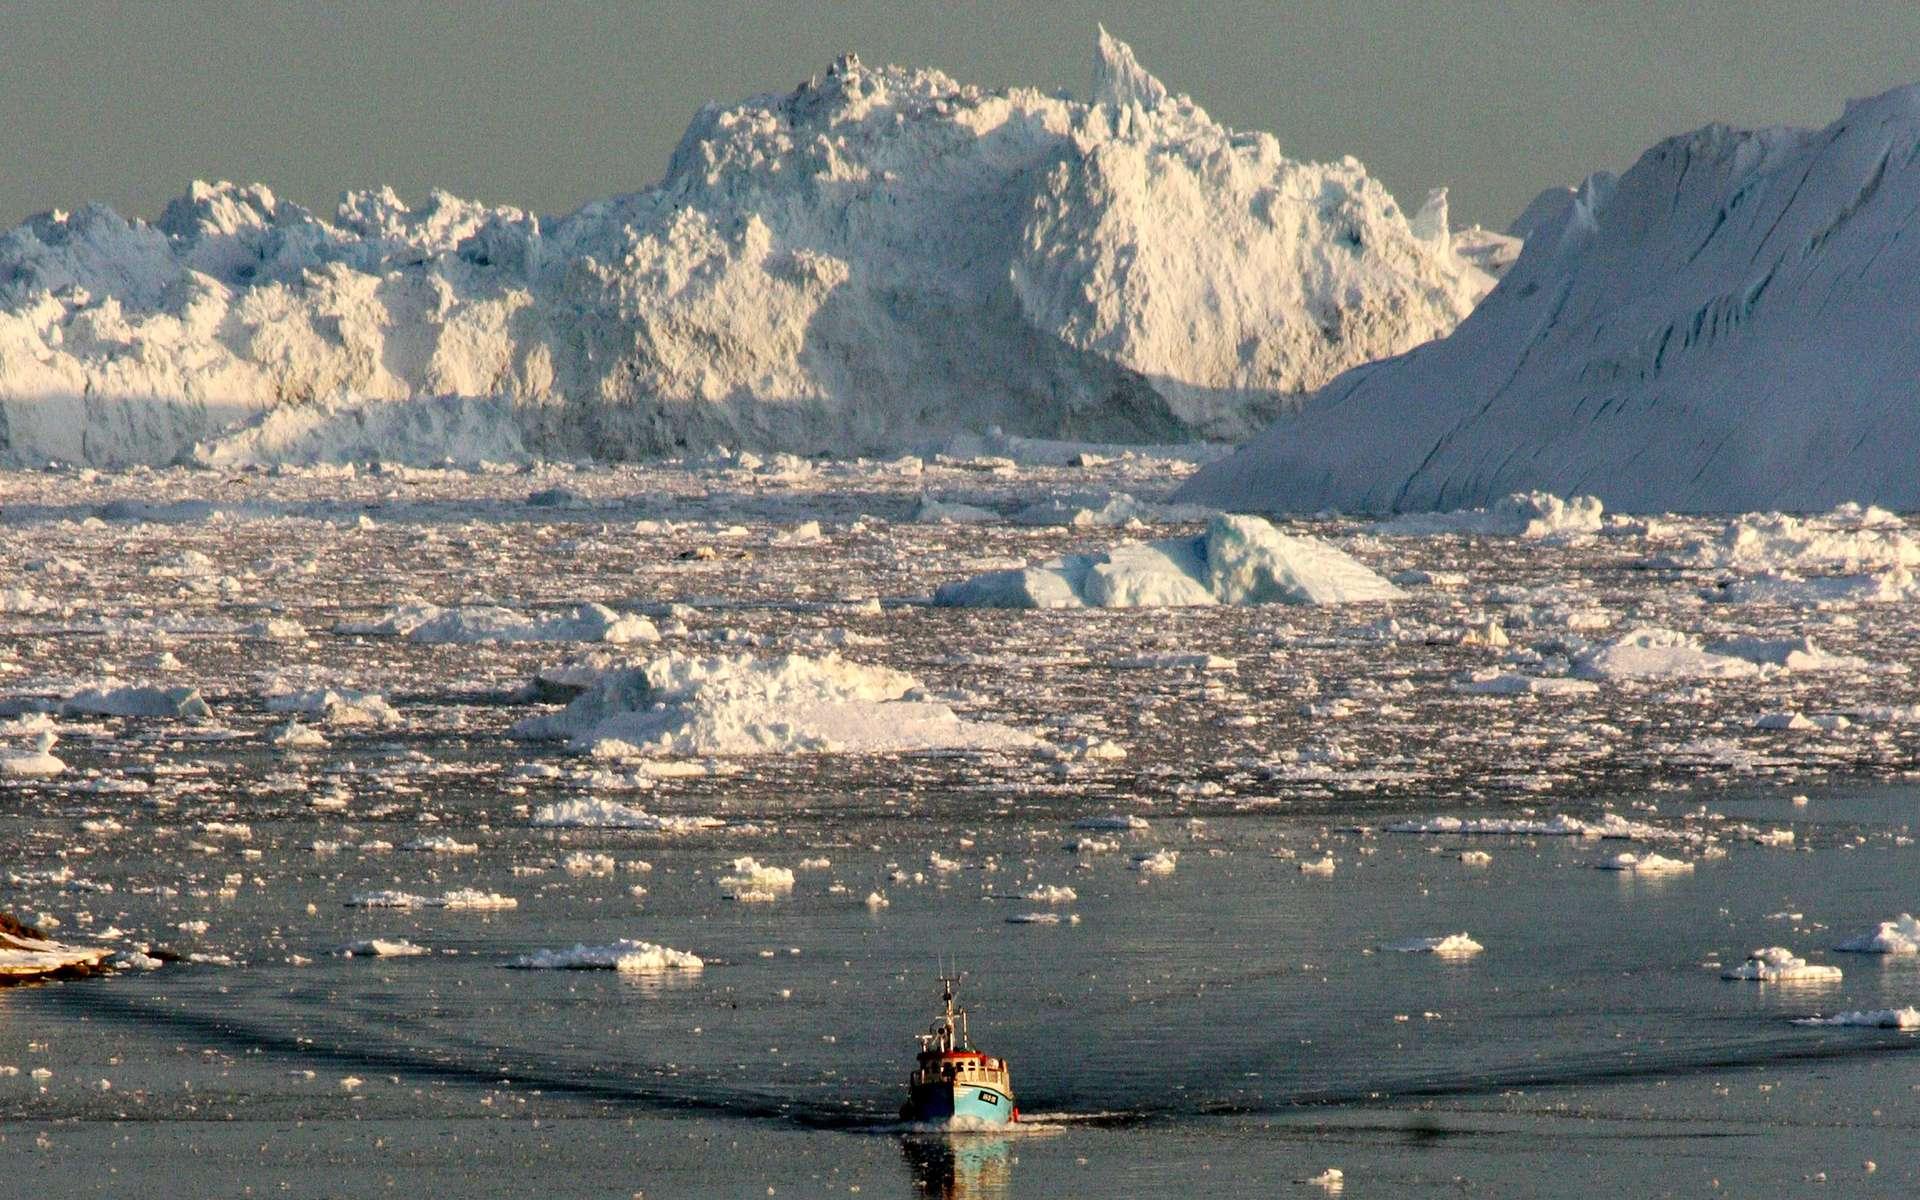 La fonte de la couche de glace du Groenland est désormais à l'origine de 25 % de la hausse du niveau des océans, contre 5 % il y a 20 ans. © Steen Ulrik Johannessen, AFP Photo